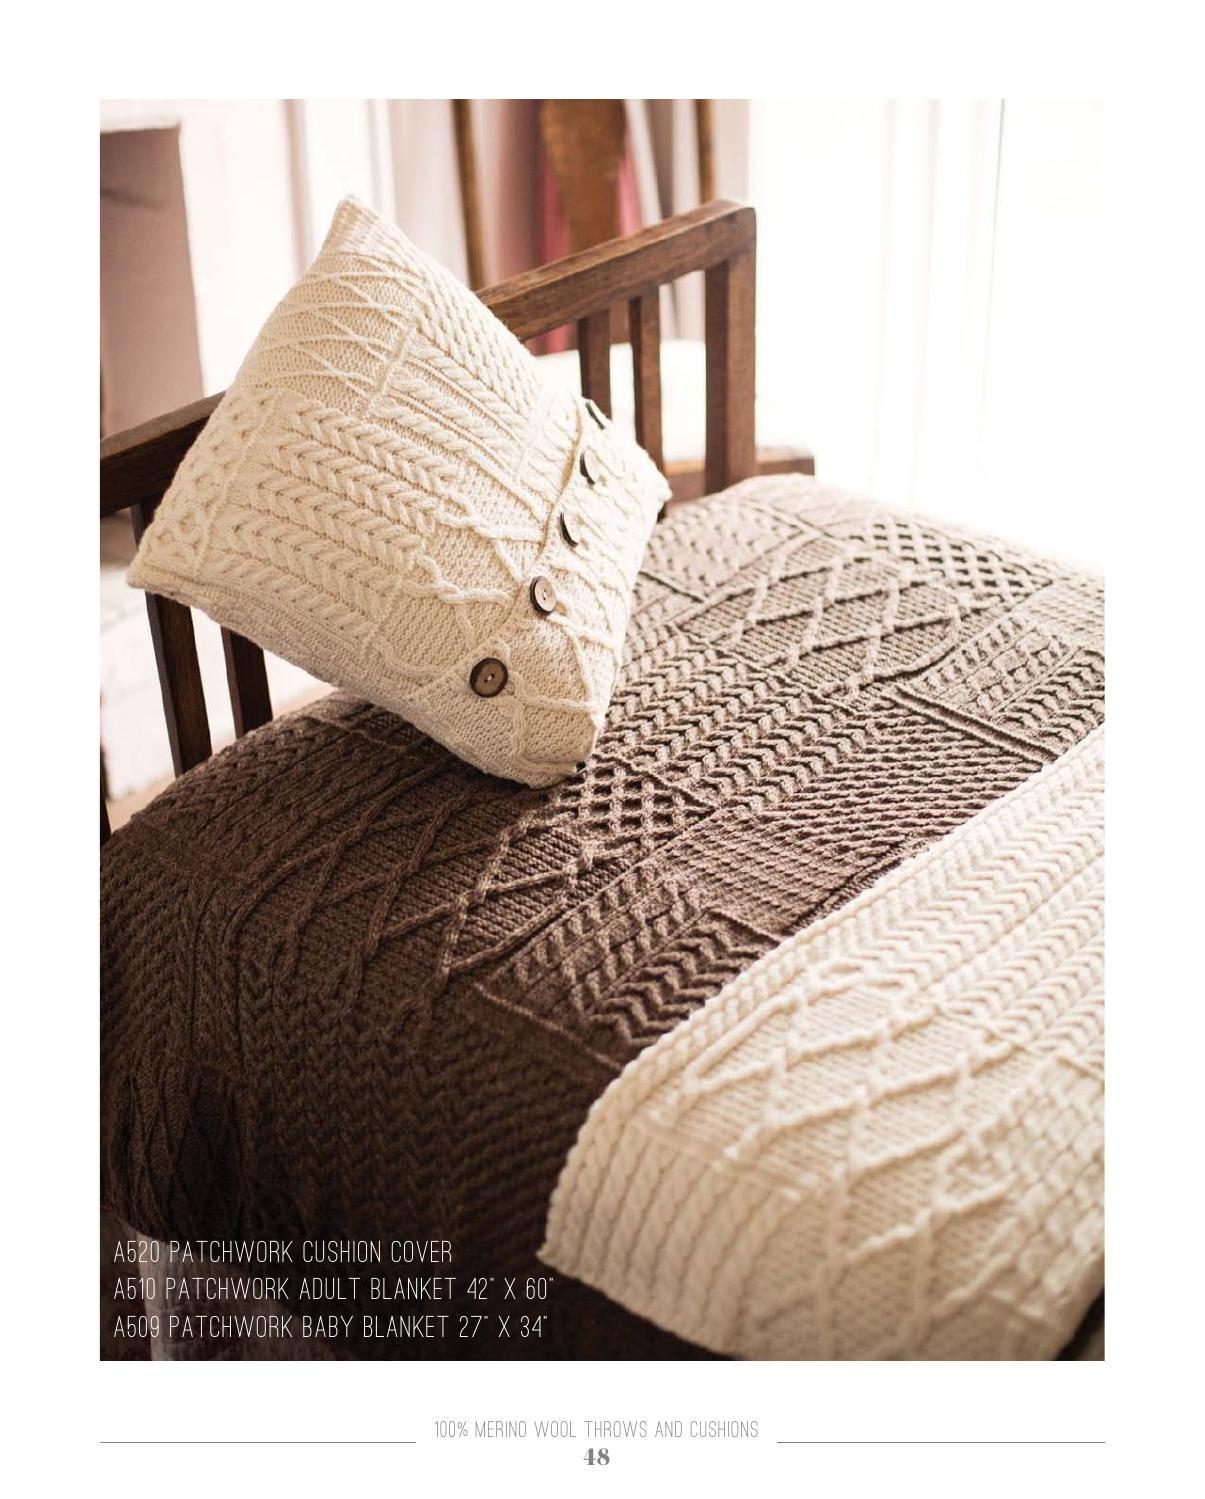 Carraig Donn 2014 Collection di Carraig Donn Manufacturing - issuu